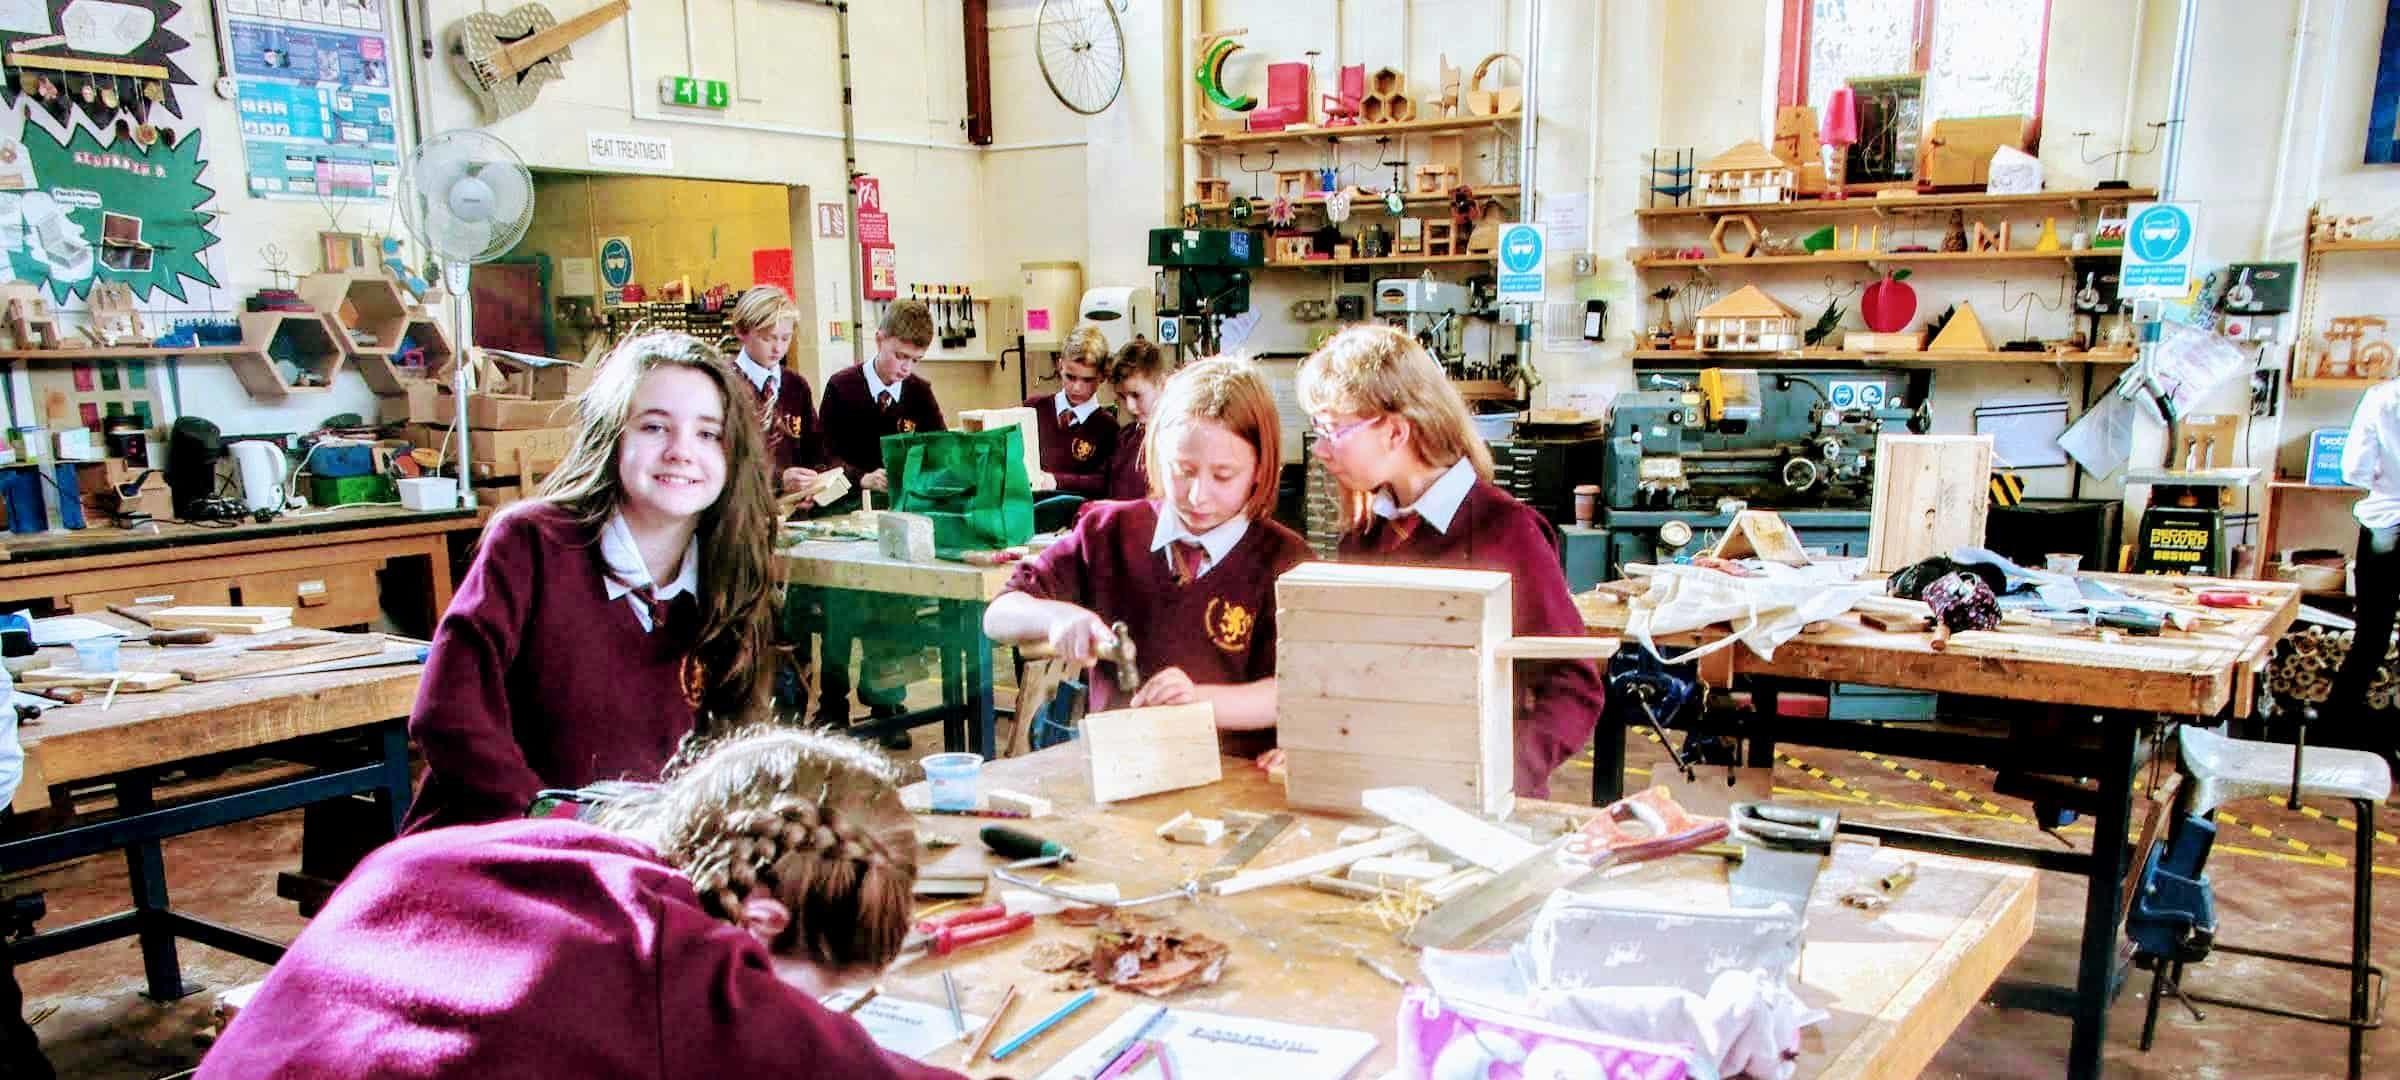 Ysgol Uwchradd Llanidloes High School Subjects